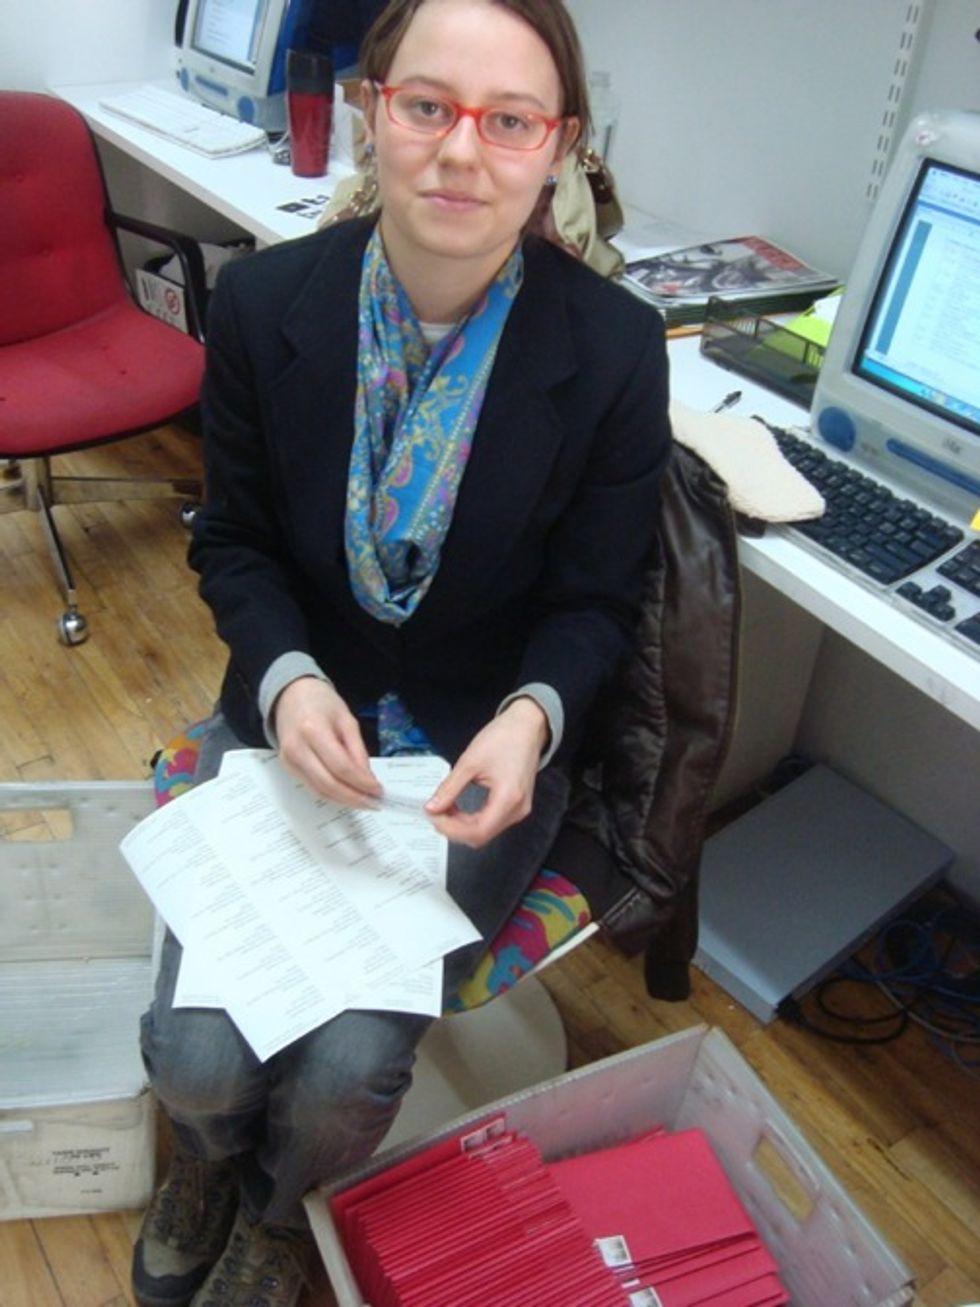 Intern-al Affairs: Meet Mariah